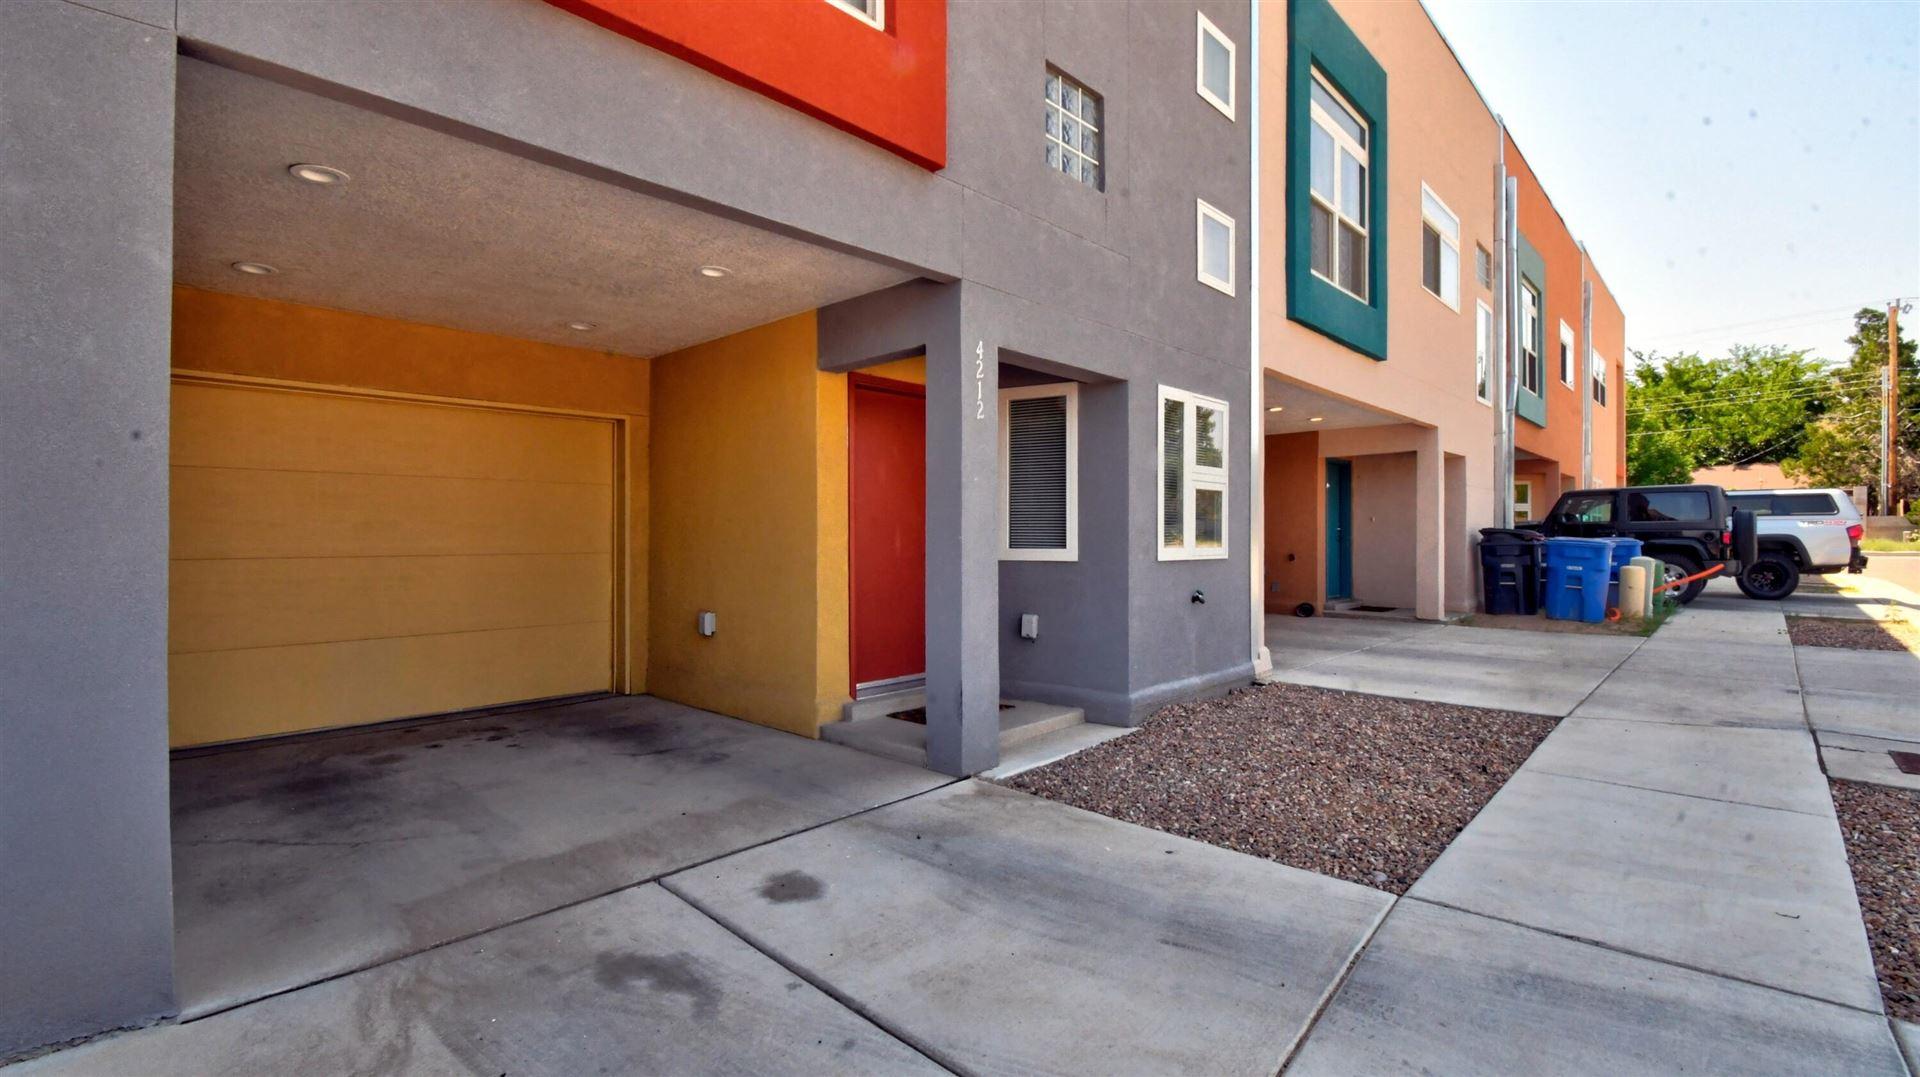 Photo of 4212 VIDA VERDE Lane NE, Albuquerque, NM 87109 (MLS # 994634)